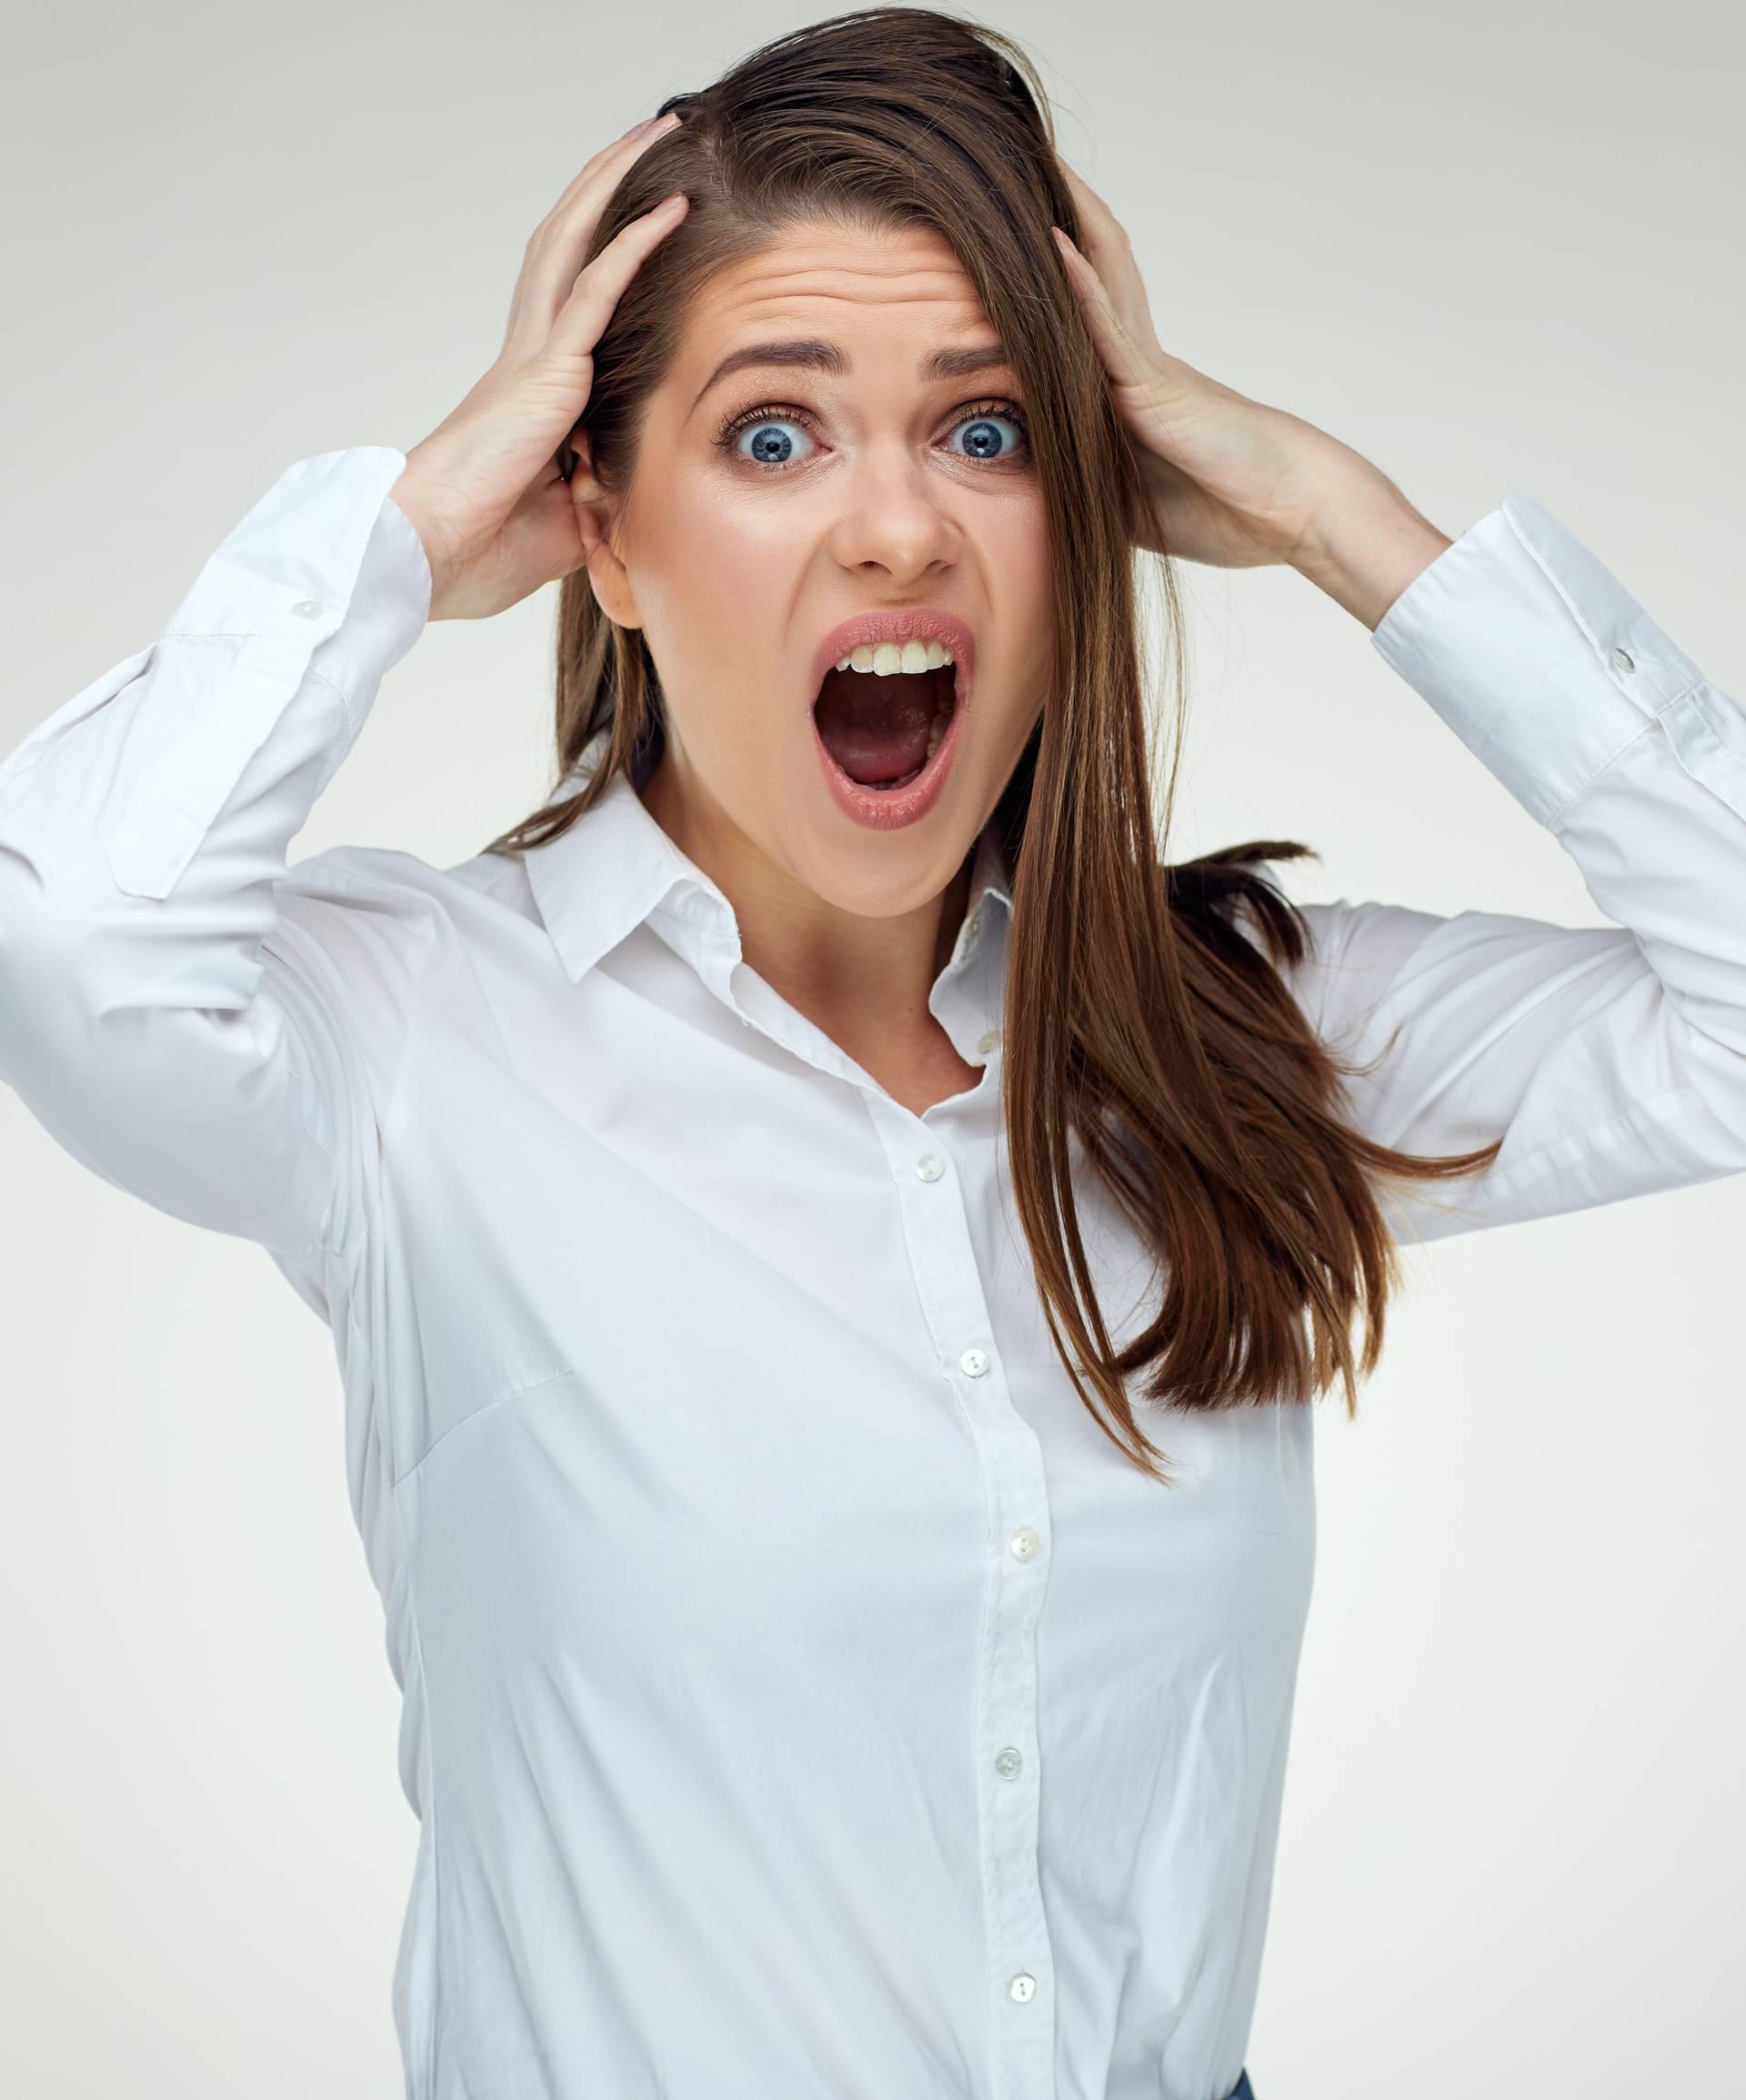 Razina adrenalina smanjuje se svjesnim opuštanjem tijela